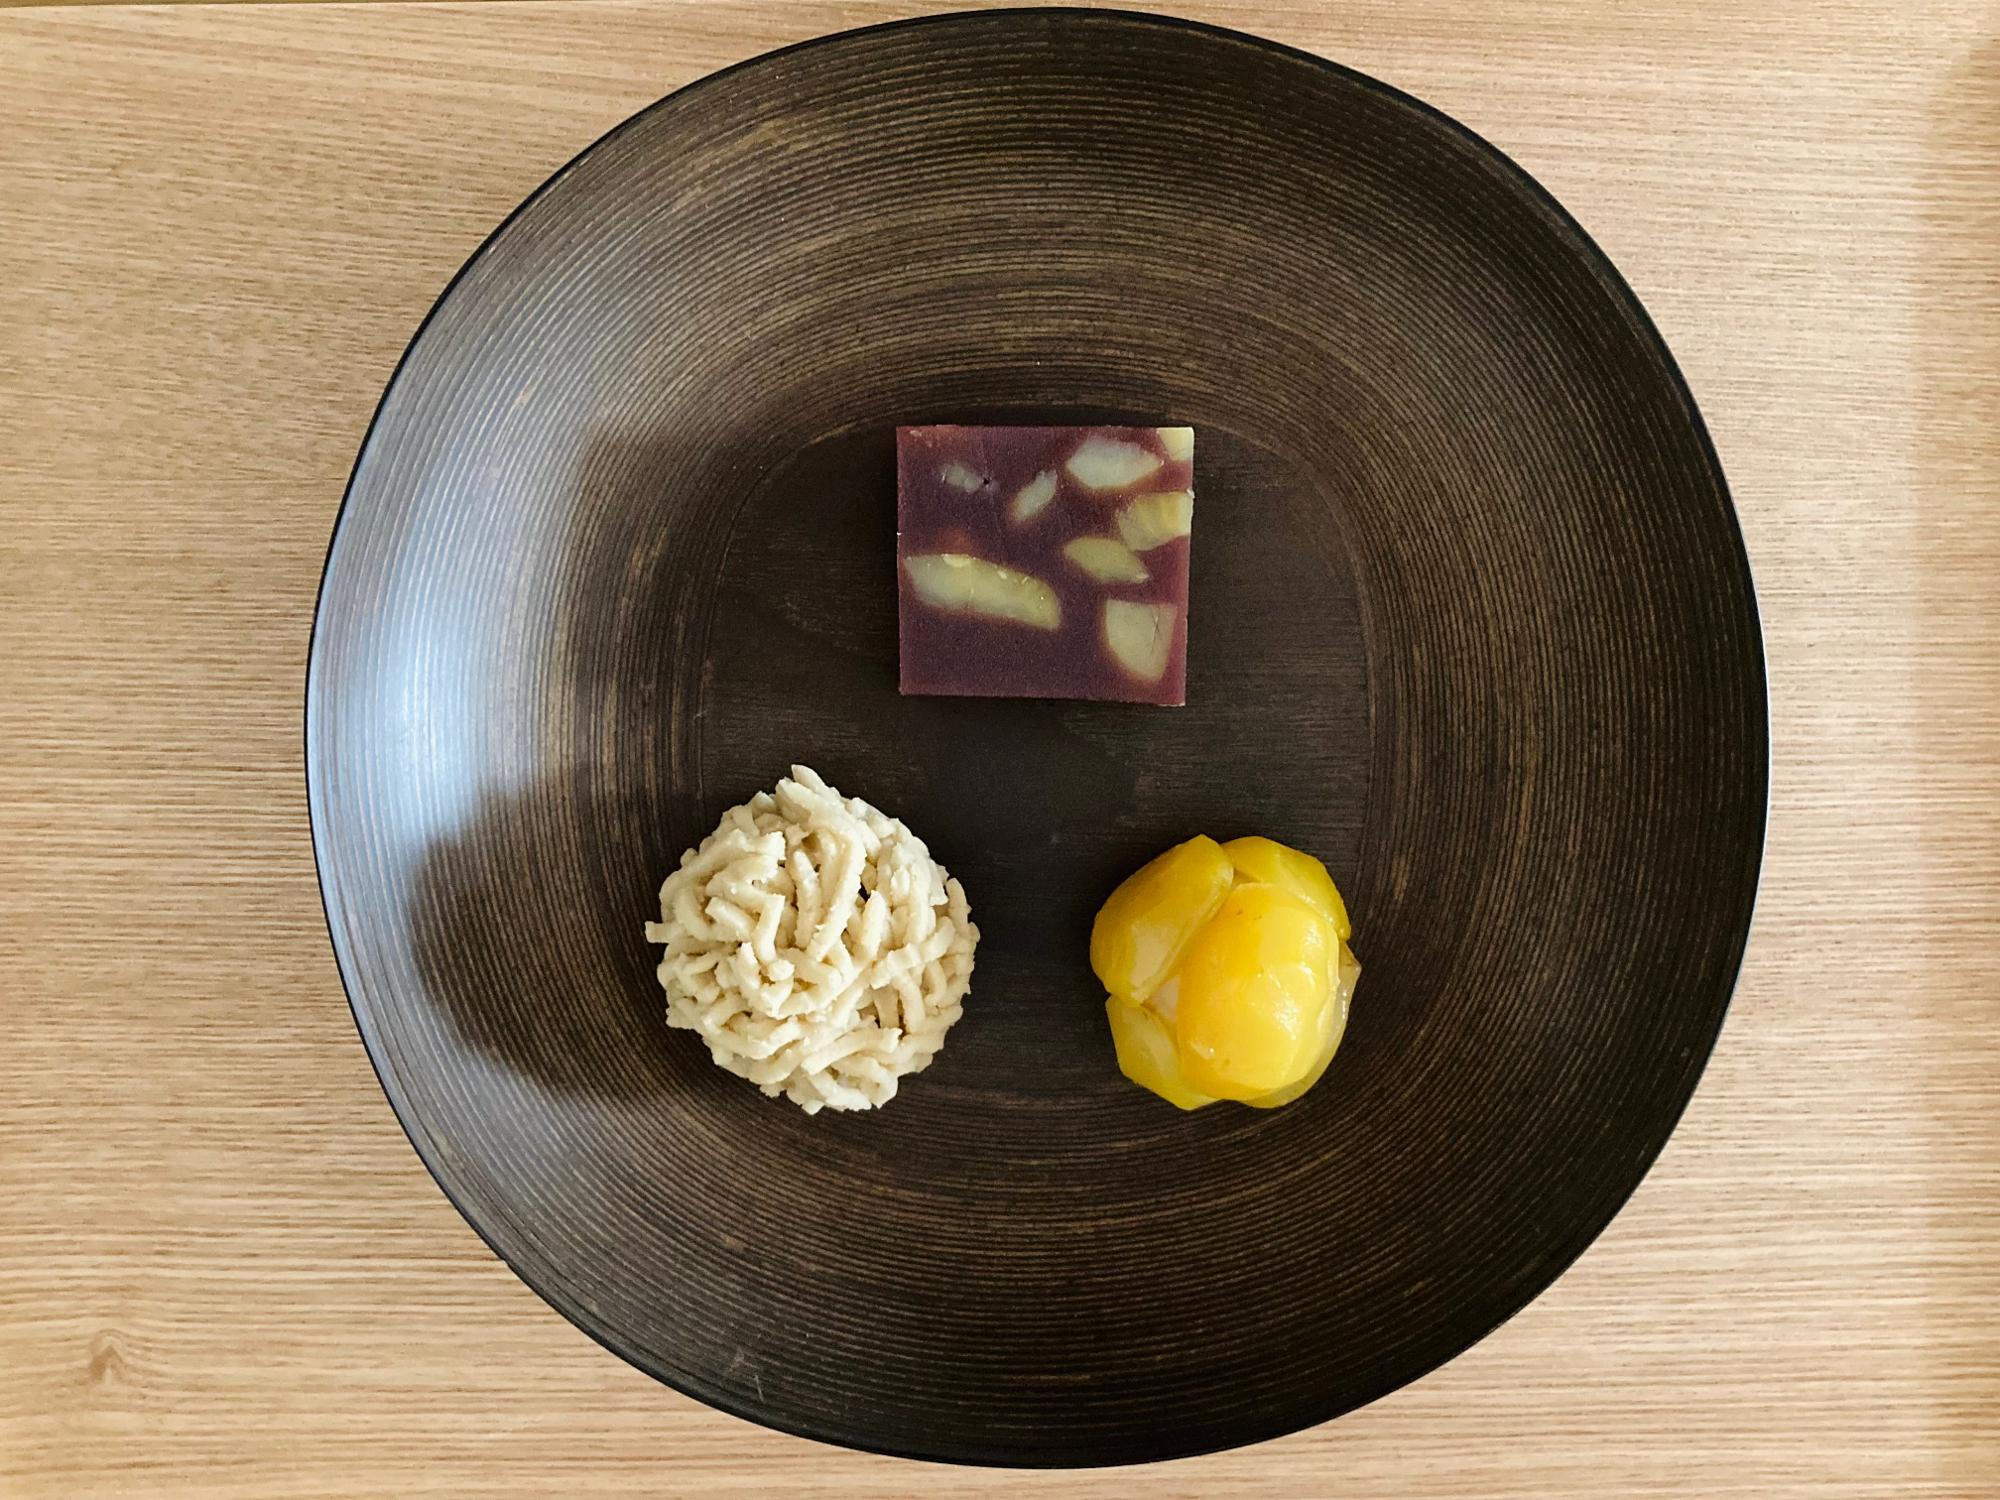 とらやの栗の生菓子3種:中央上「栗蒸し羊羹」、左手前:「栗粉餅」、右手前「栗鹿の子」(各584円)